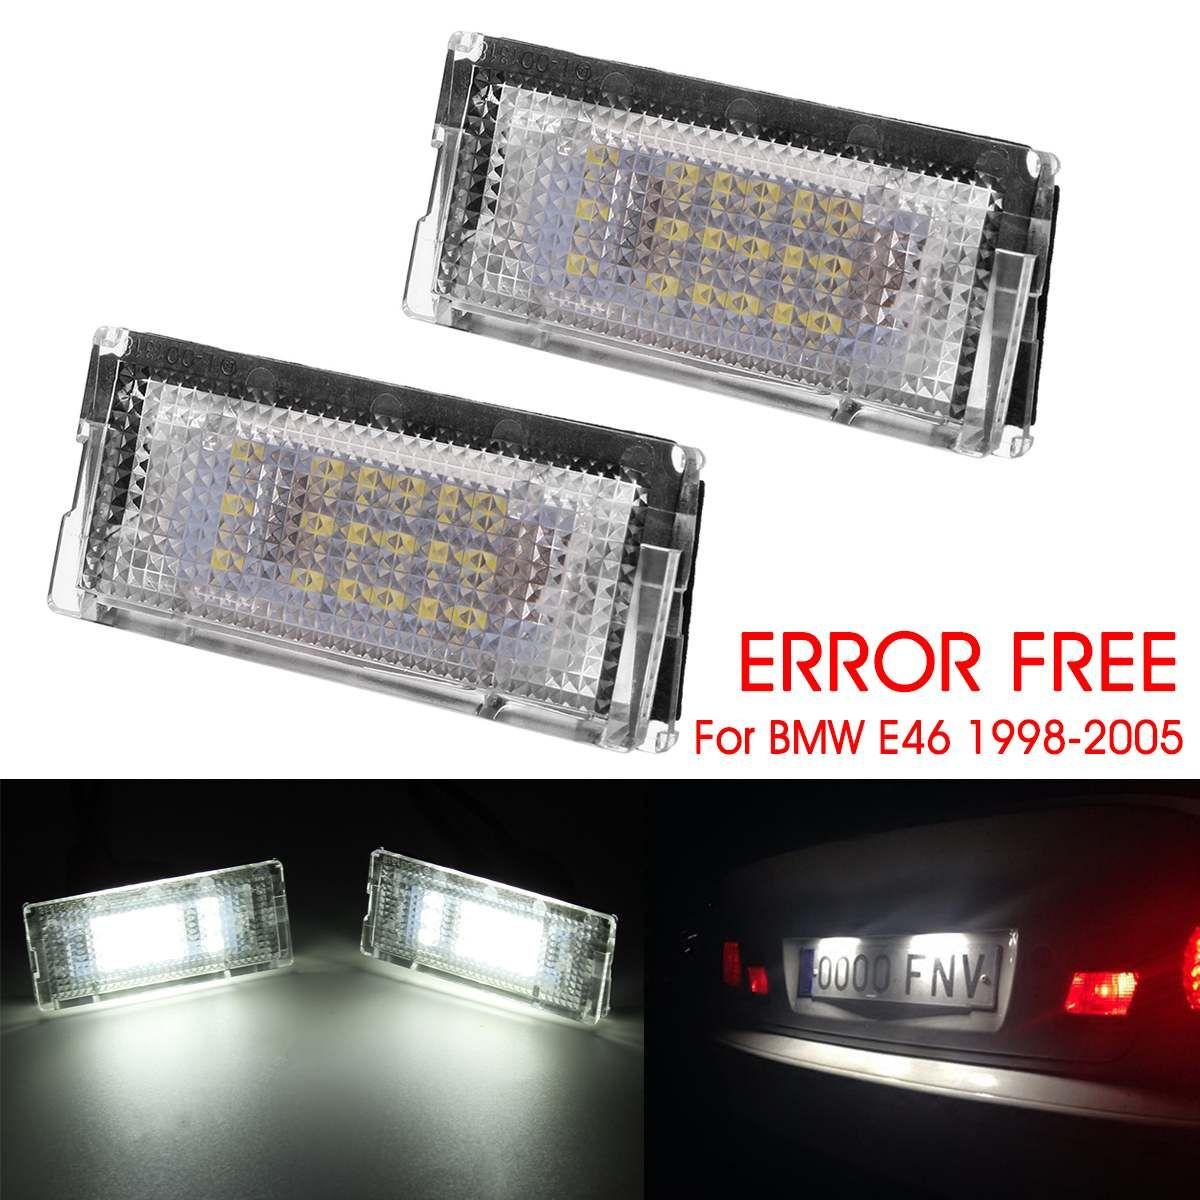 1 para 6500 karat 3528 SMD LED Lizenz Nummer Platte Lichter Weiß Canbus Fehler Kostenloser für BMW 3-serie e46 1998-2005 3 4 5 Türen